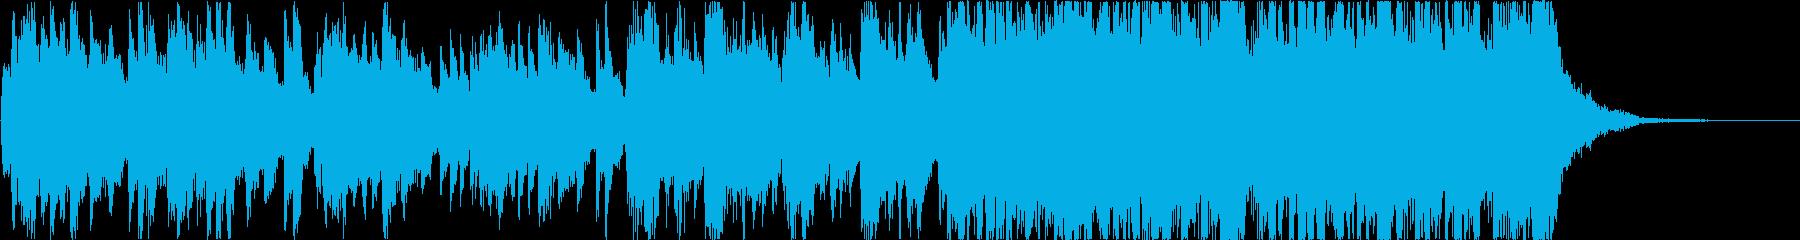 ニュースっぽいオープニング曲の再生済みの波形